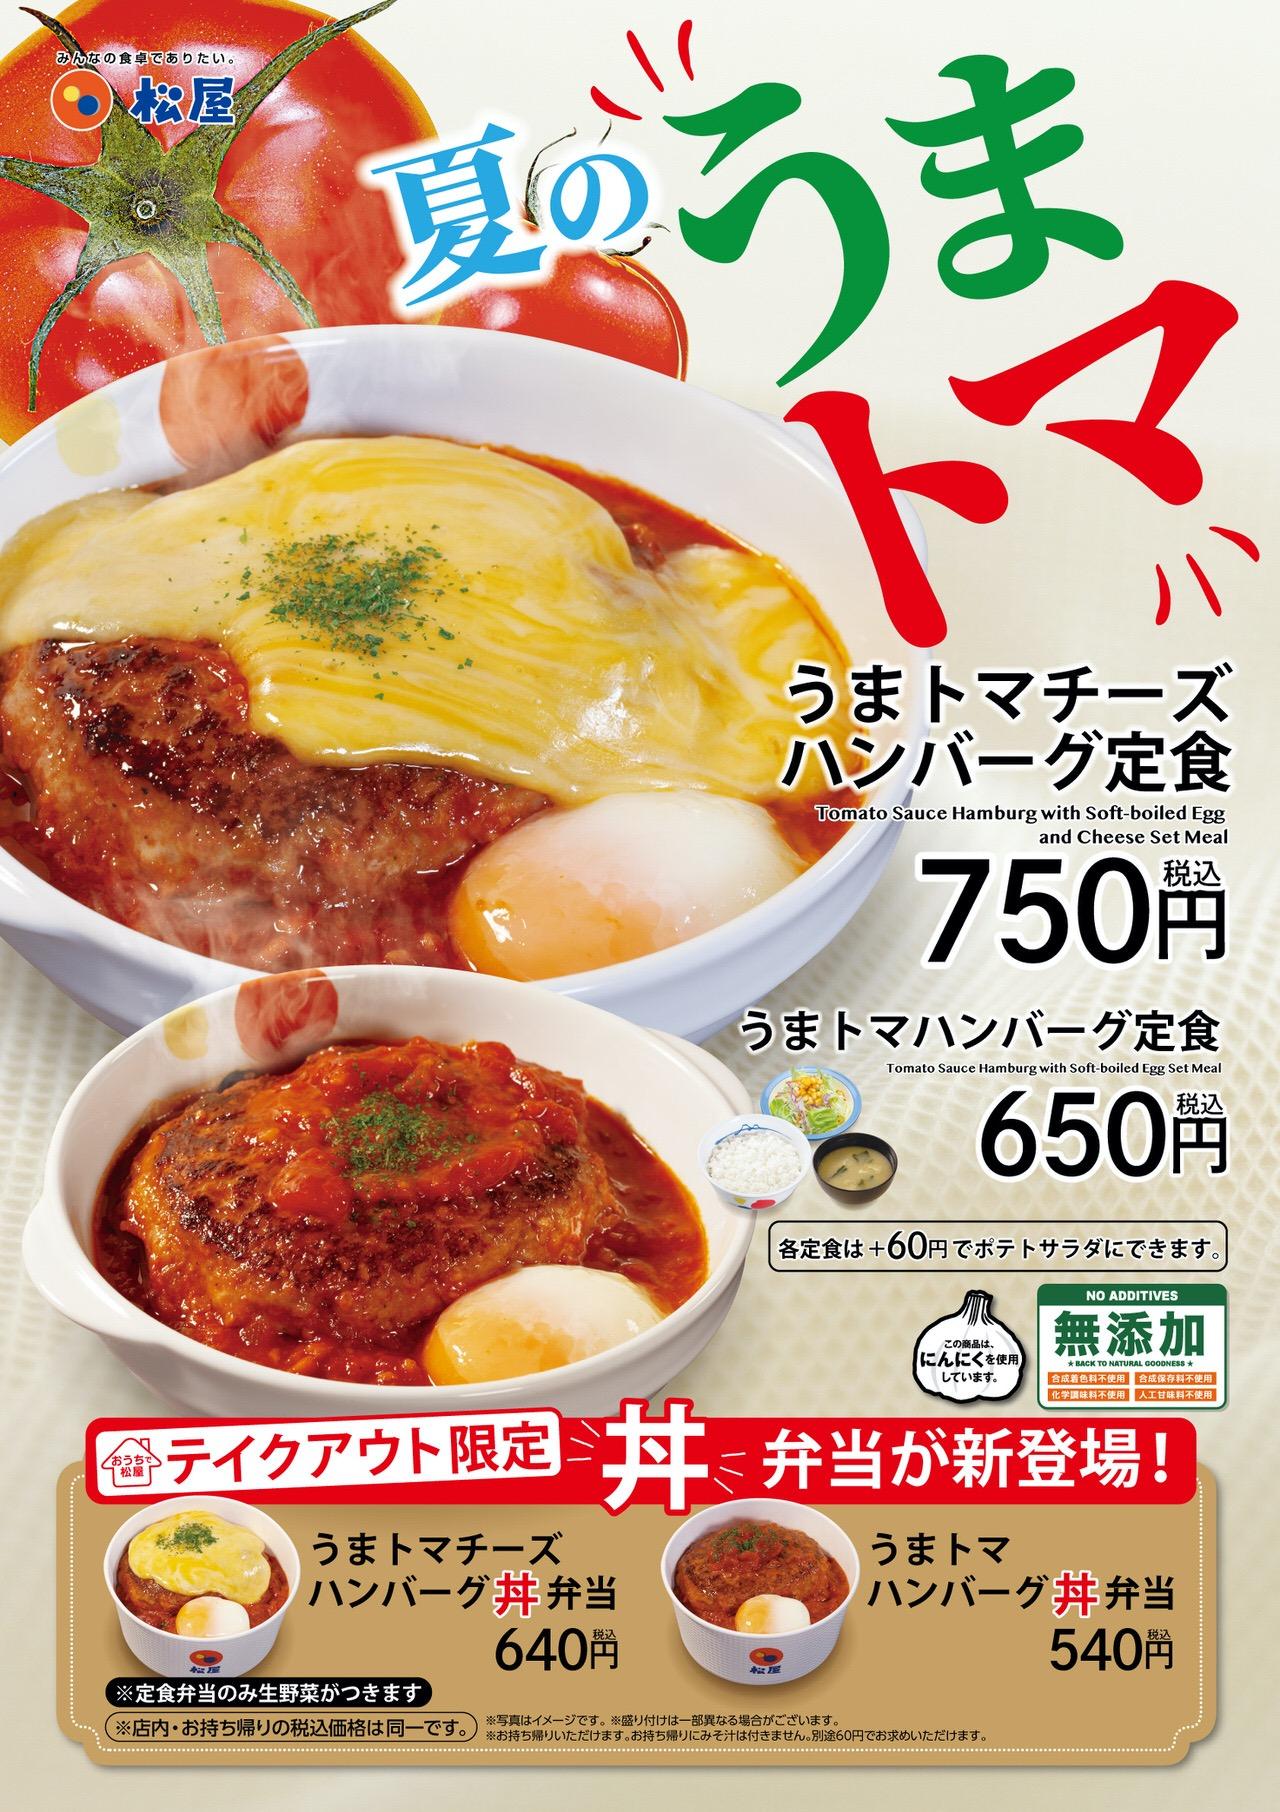 【松屋】夏の風物詩「うまトマハンバーグ定食」「うまトマチーズハンバーグ定食」6月2日より発売開始!テイクアウト限定で丼弁当も